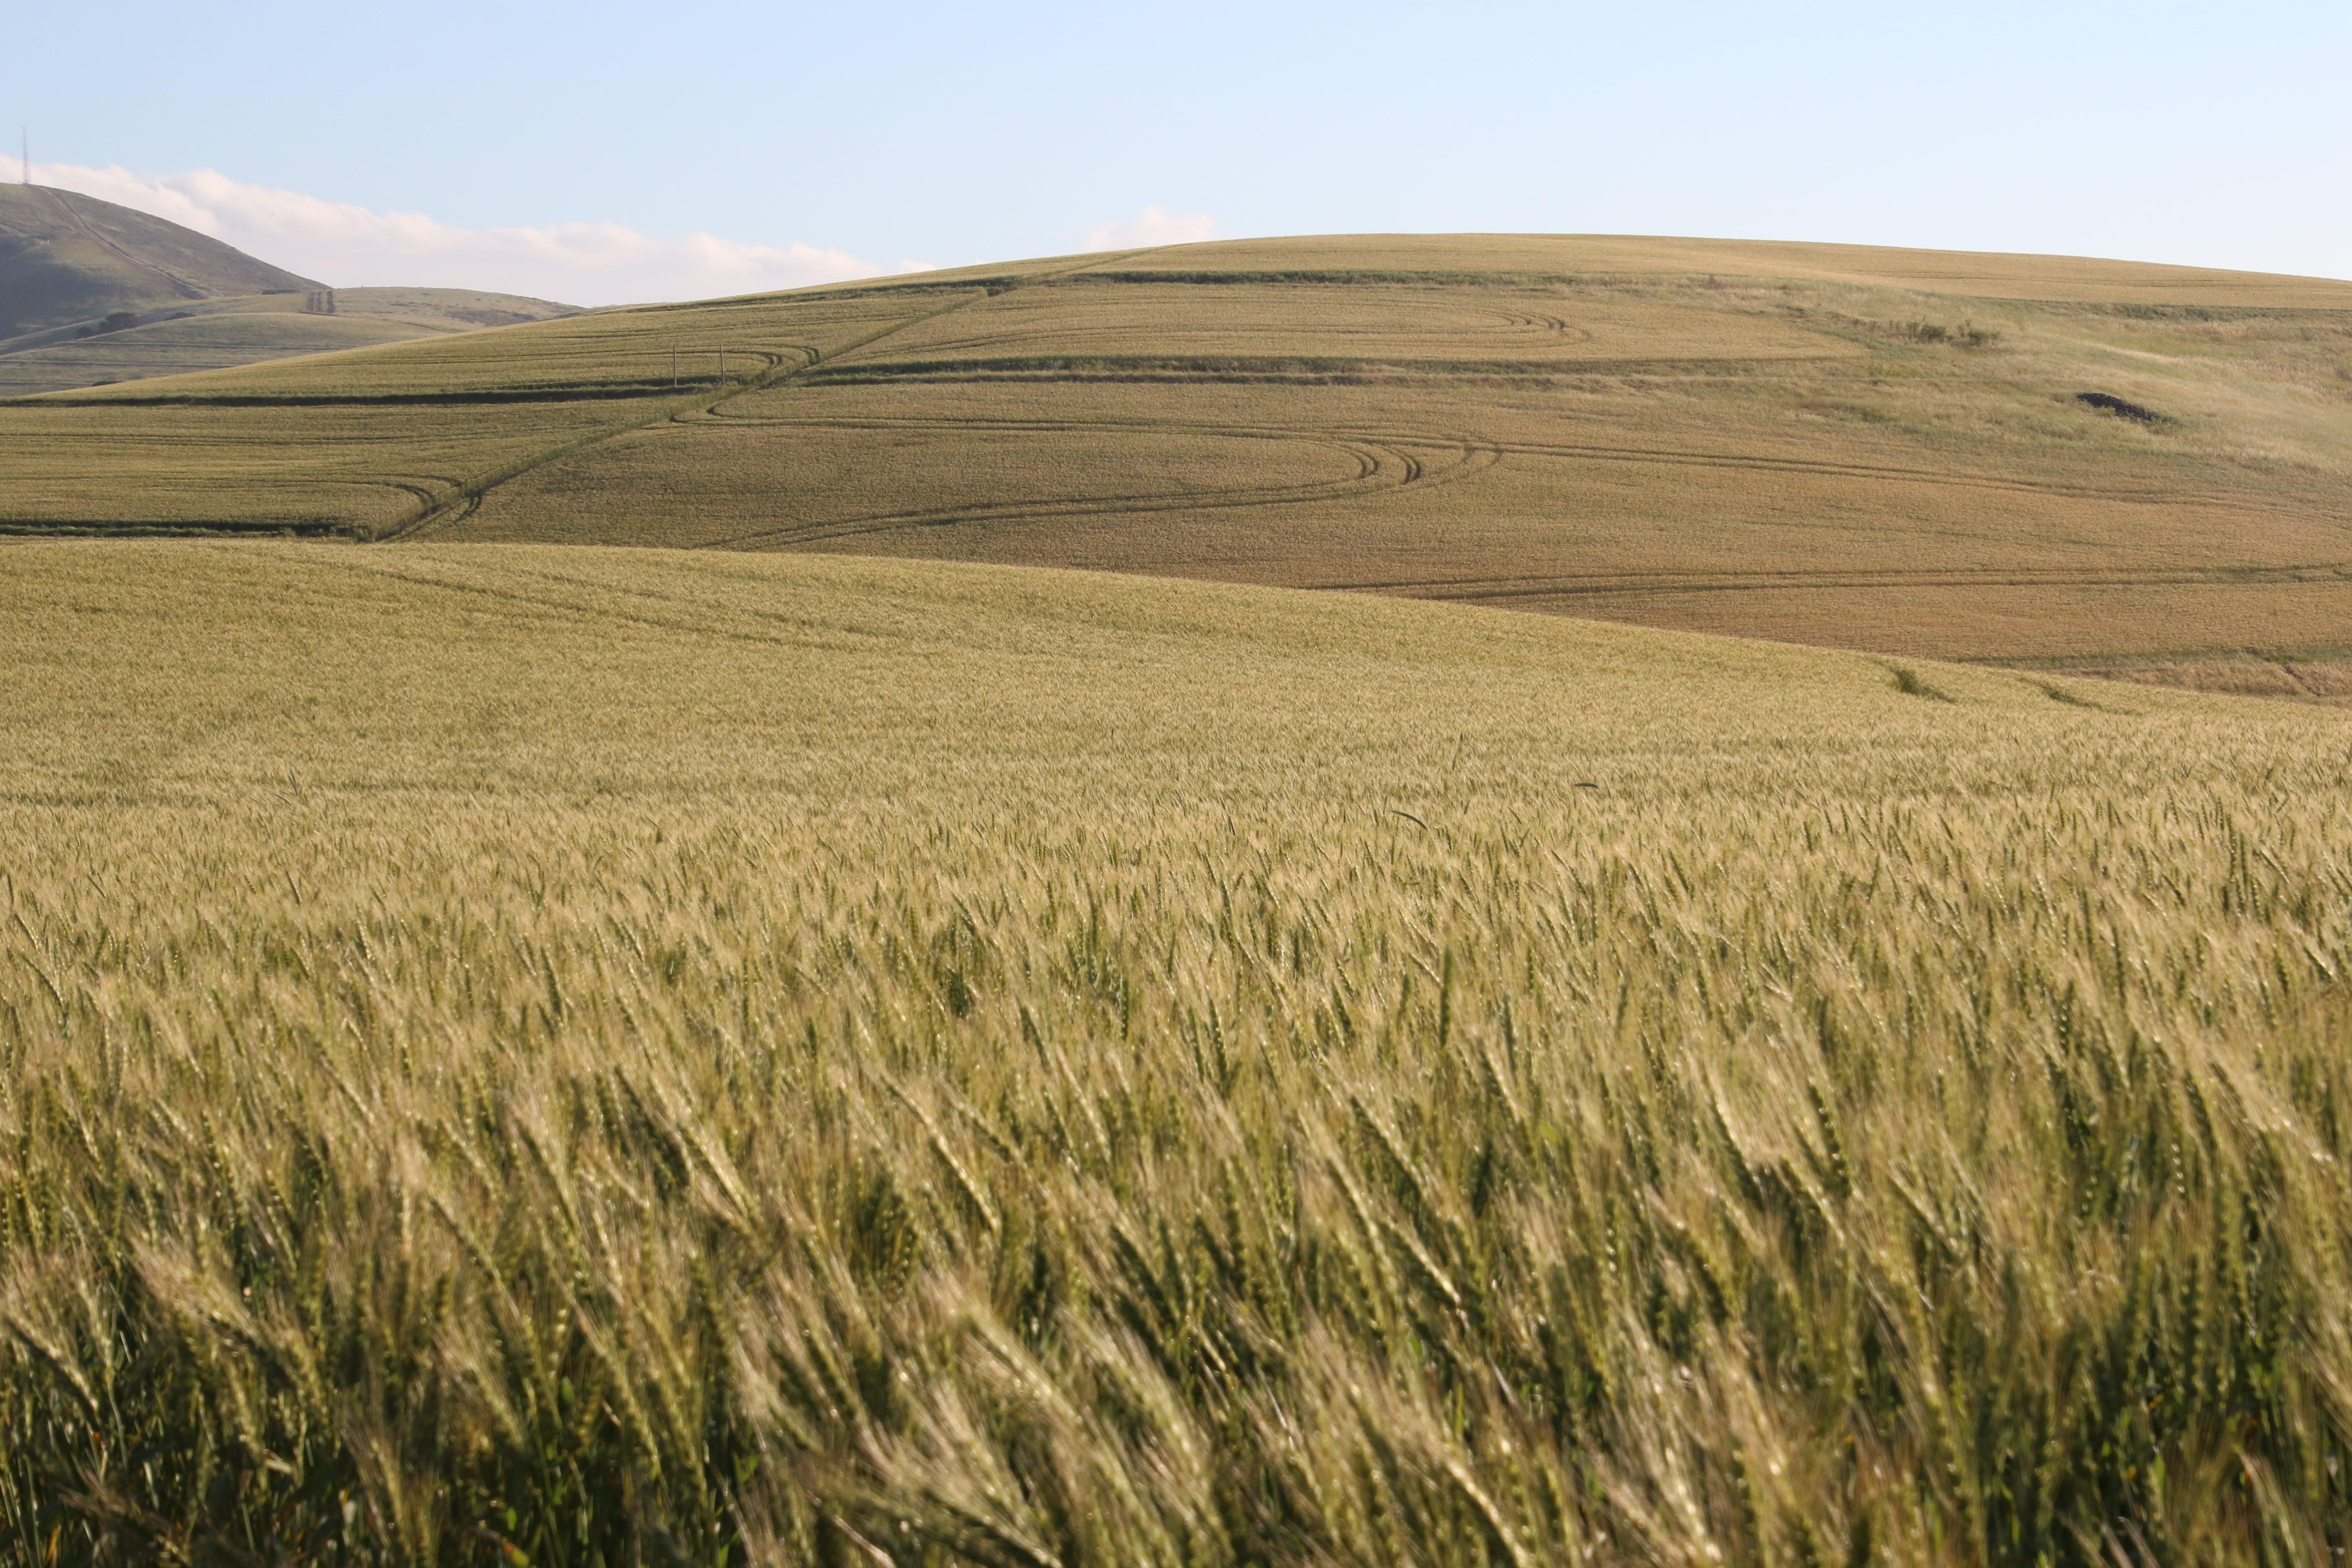 Wheat Field Digital Wallpaper